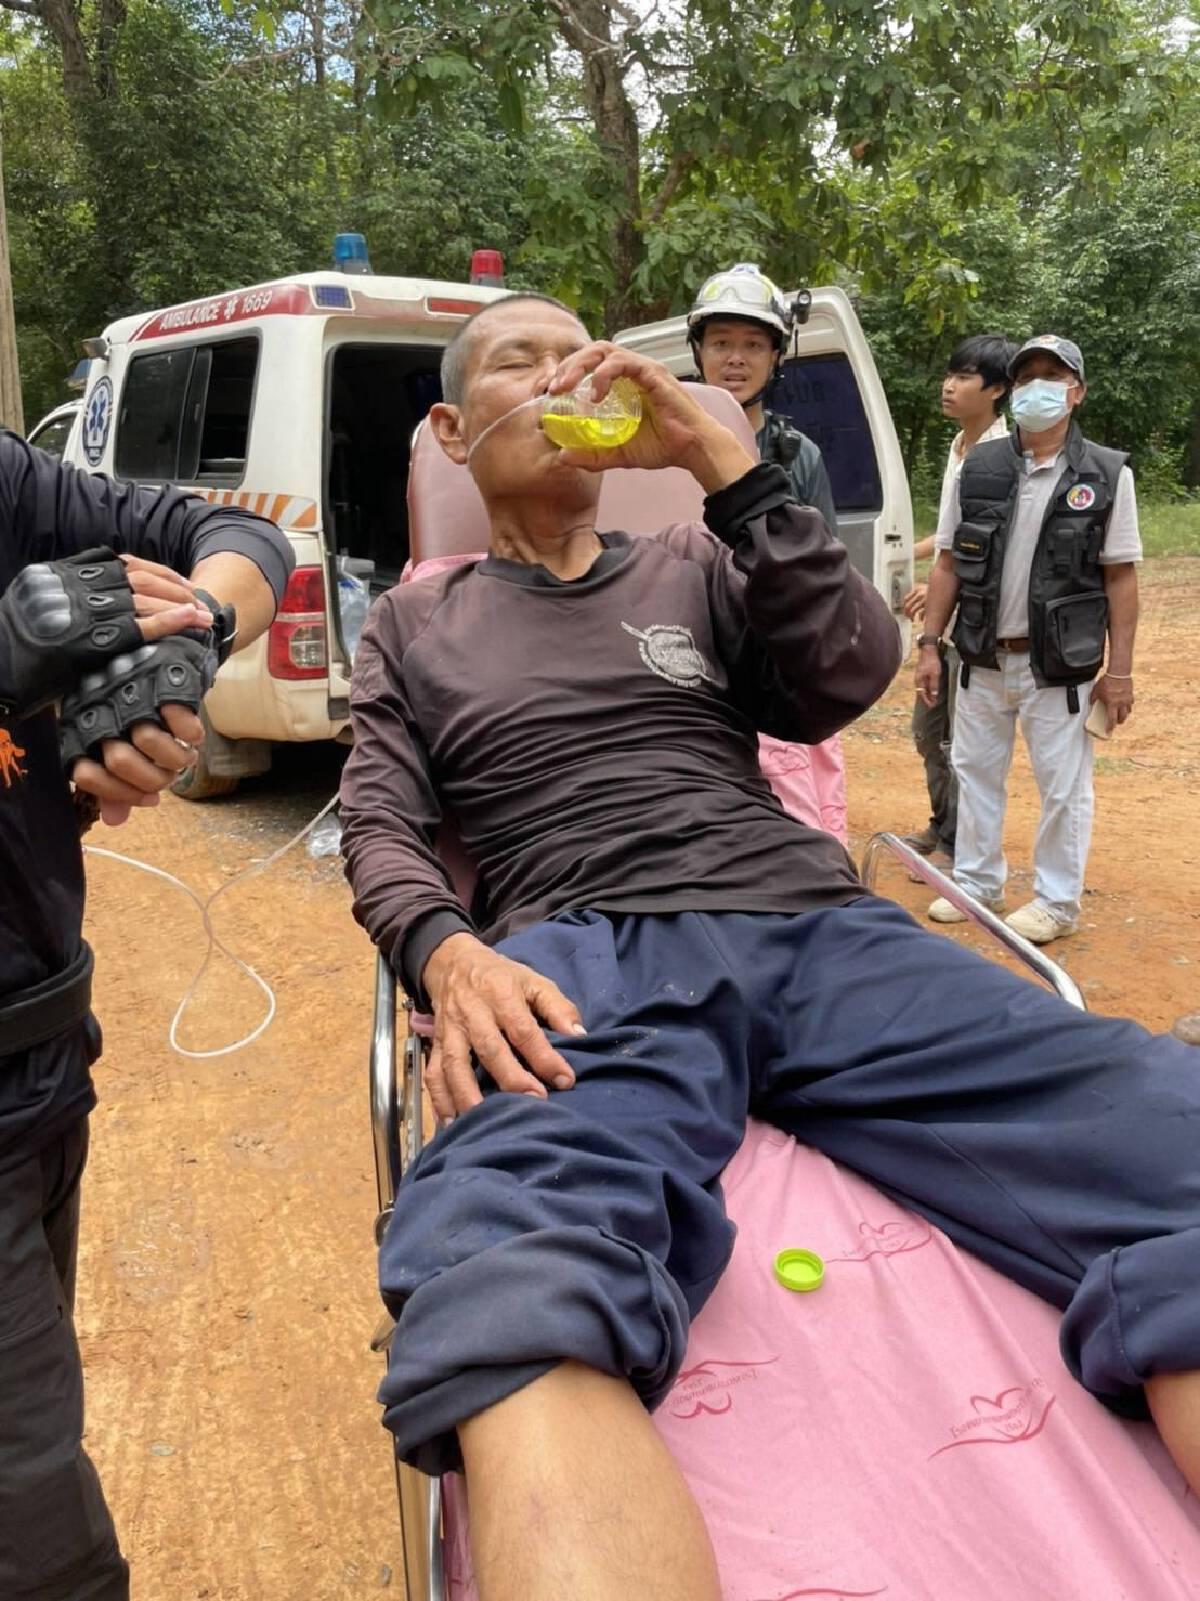 พบแล้วชายวัย56ปีหาเห็ดหลงป่าภูเก้า 6 วัน รอดตายปาฏิหาริย์